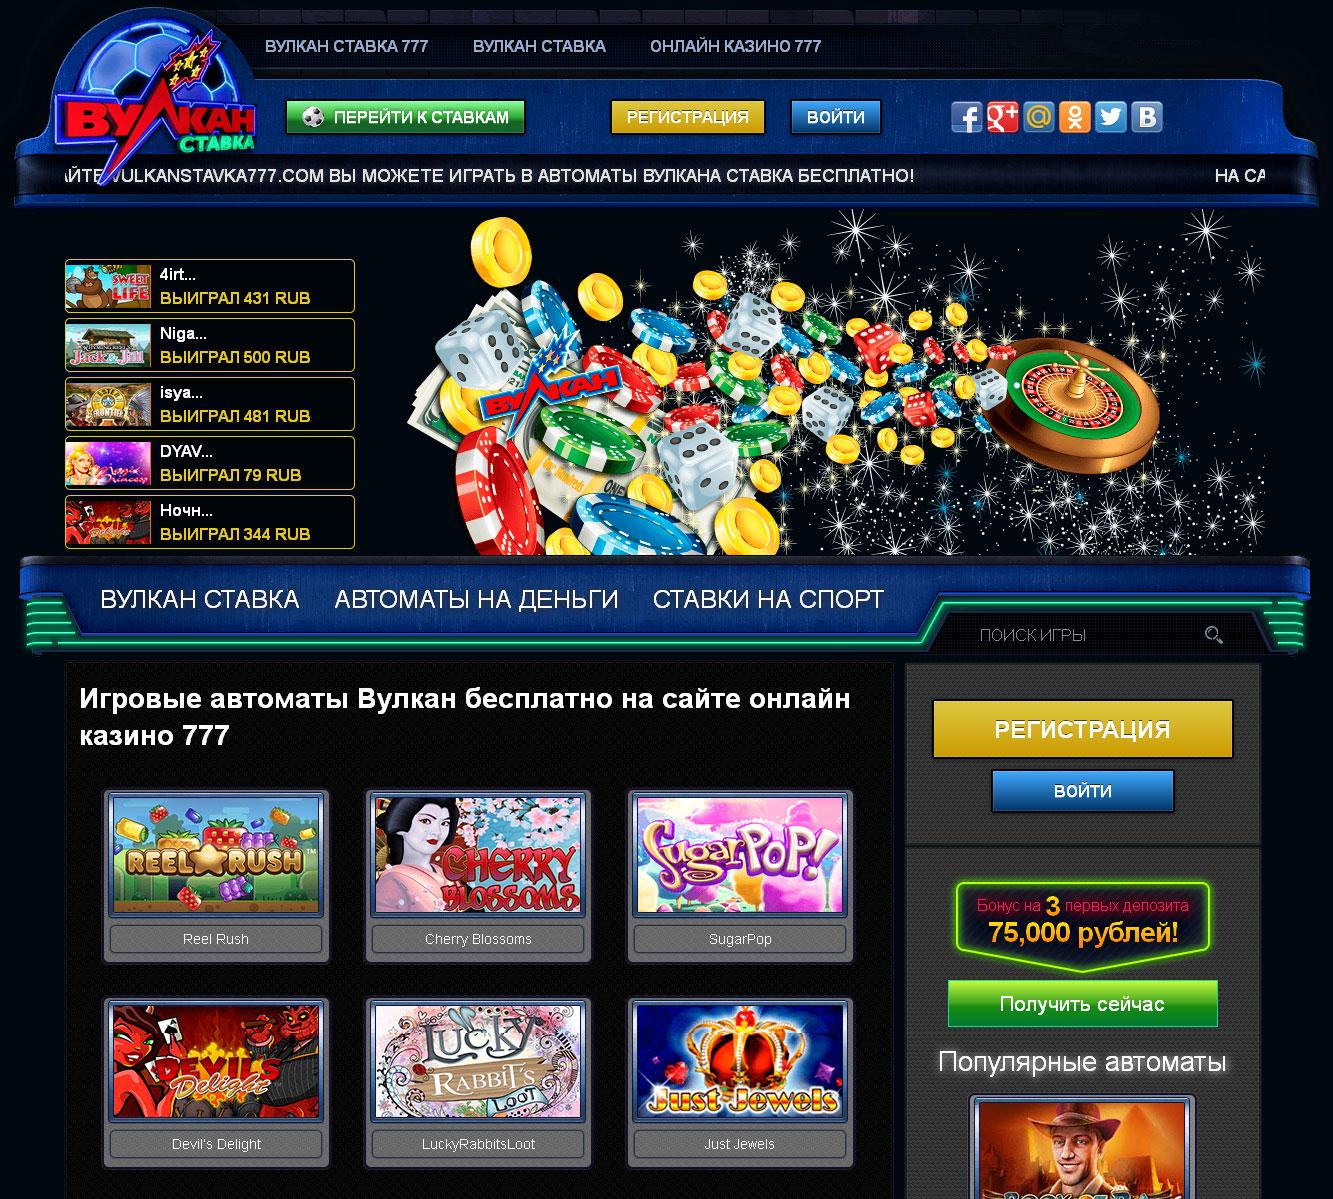 Crazy monkey играть онлайн бесплатно без региспрации